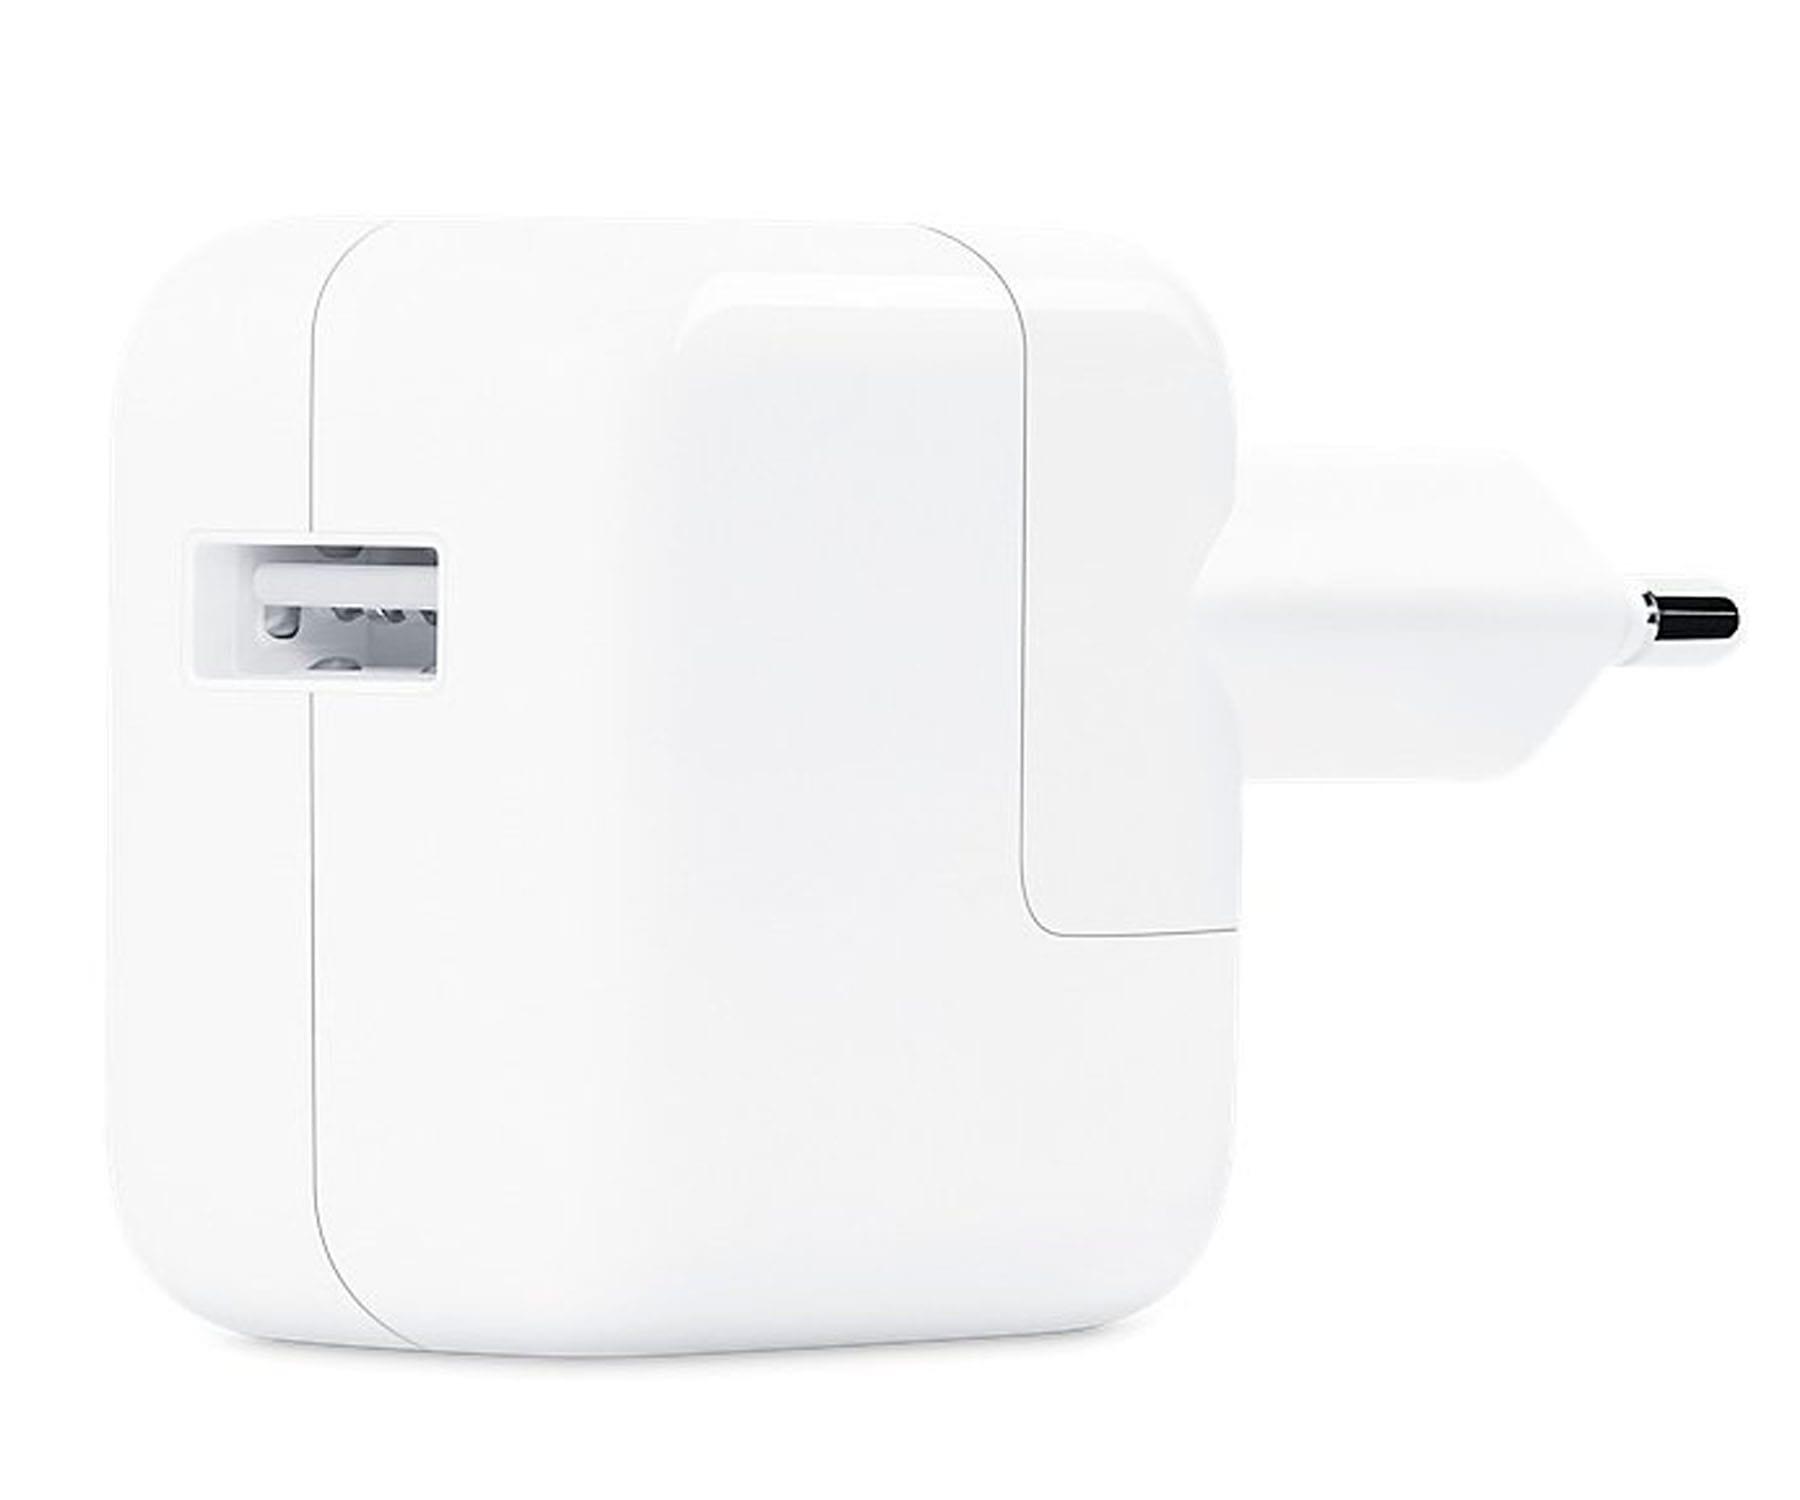 APPLE ADAPTADOR DE CORRIENTE USB 12W